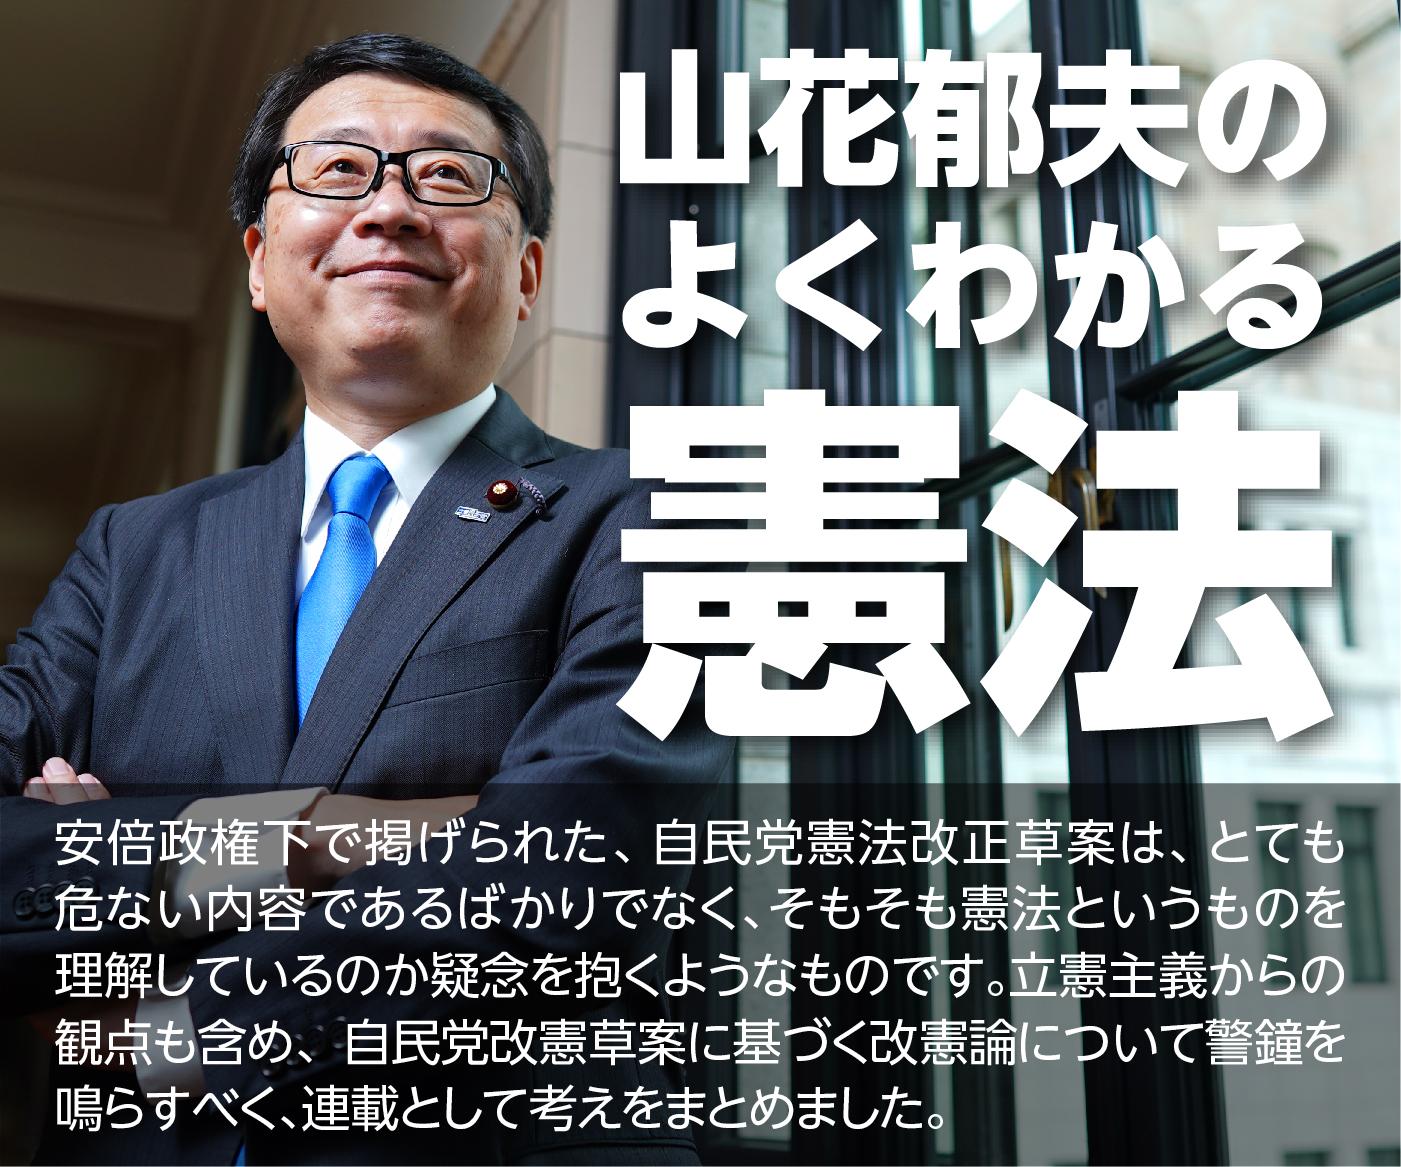 山花郁夫のよくわかる憲法